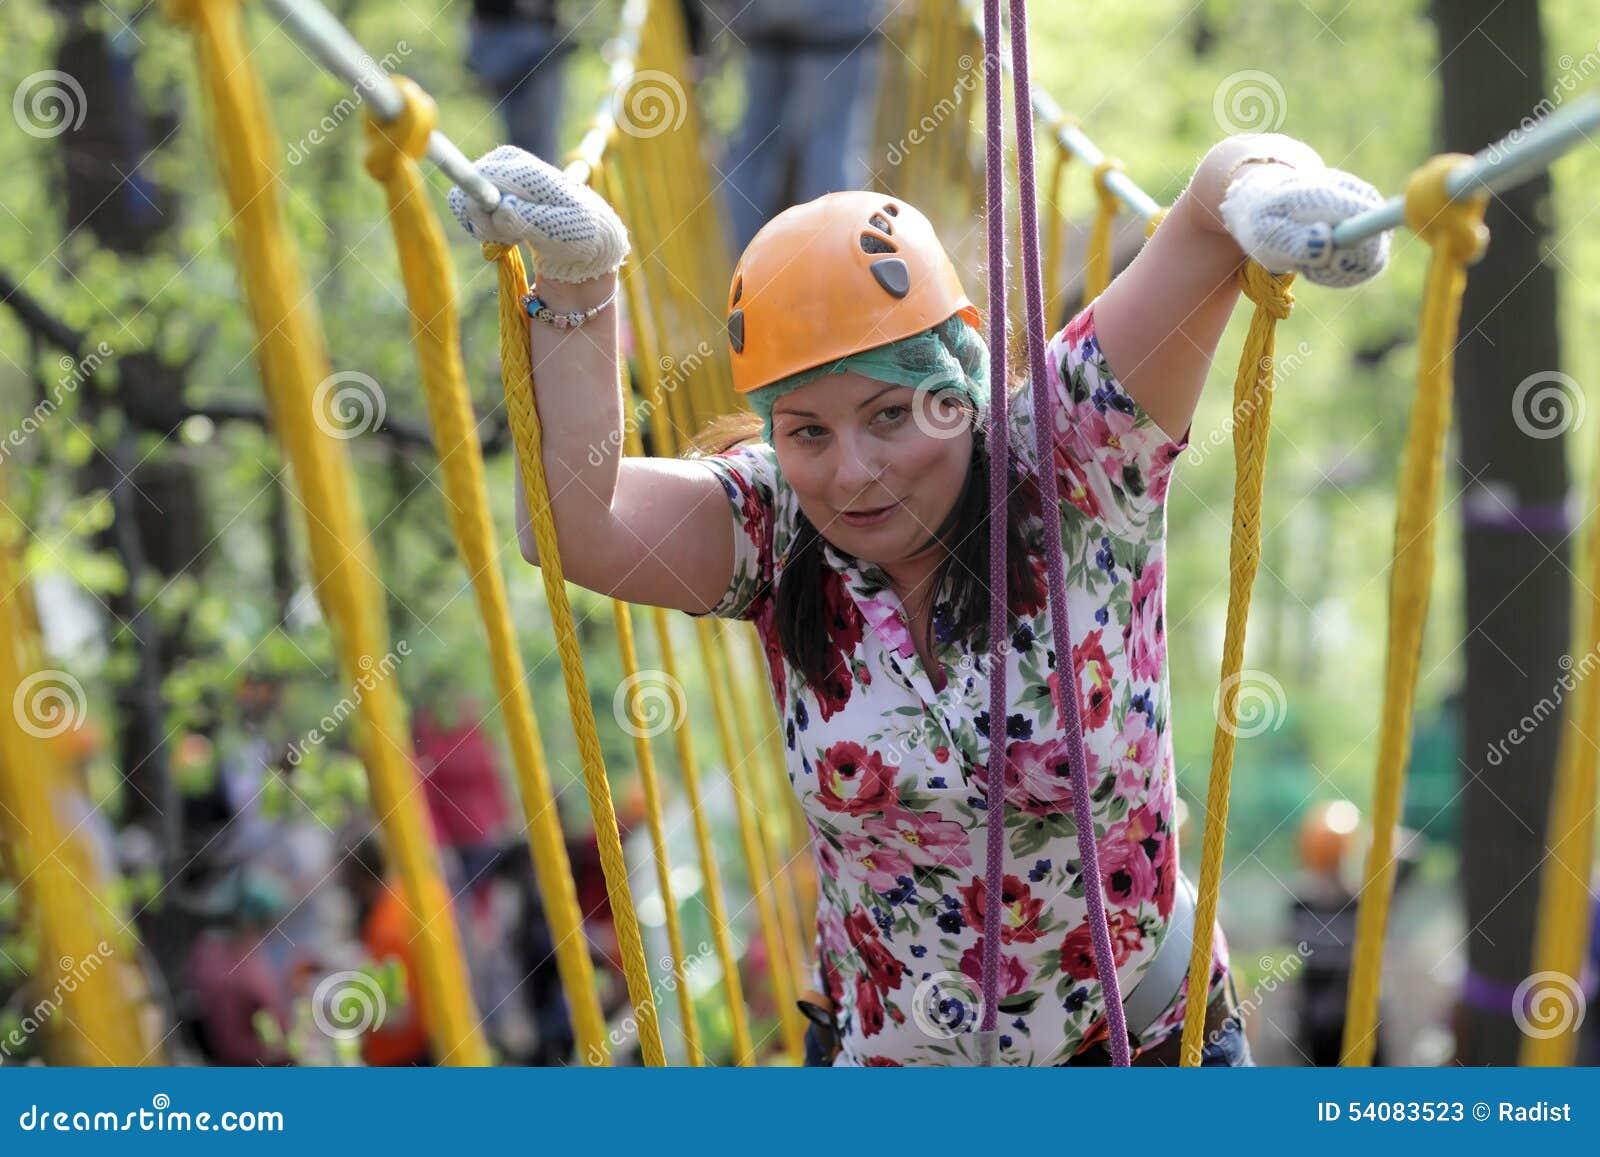 Persoon die kabel beklimmen